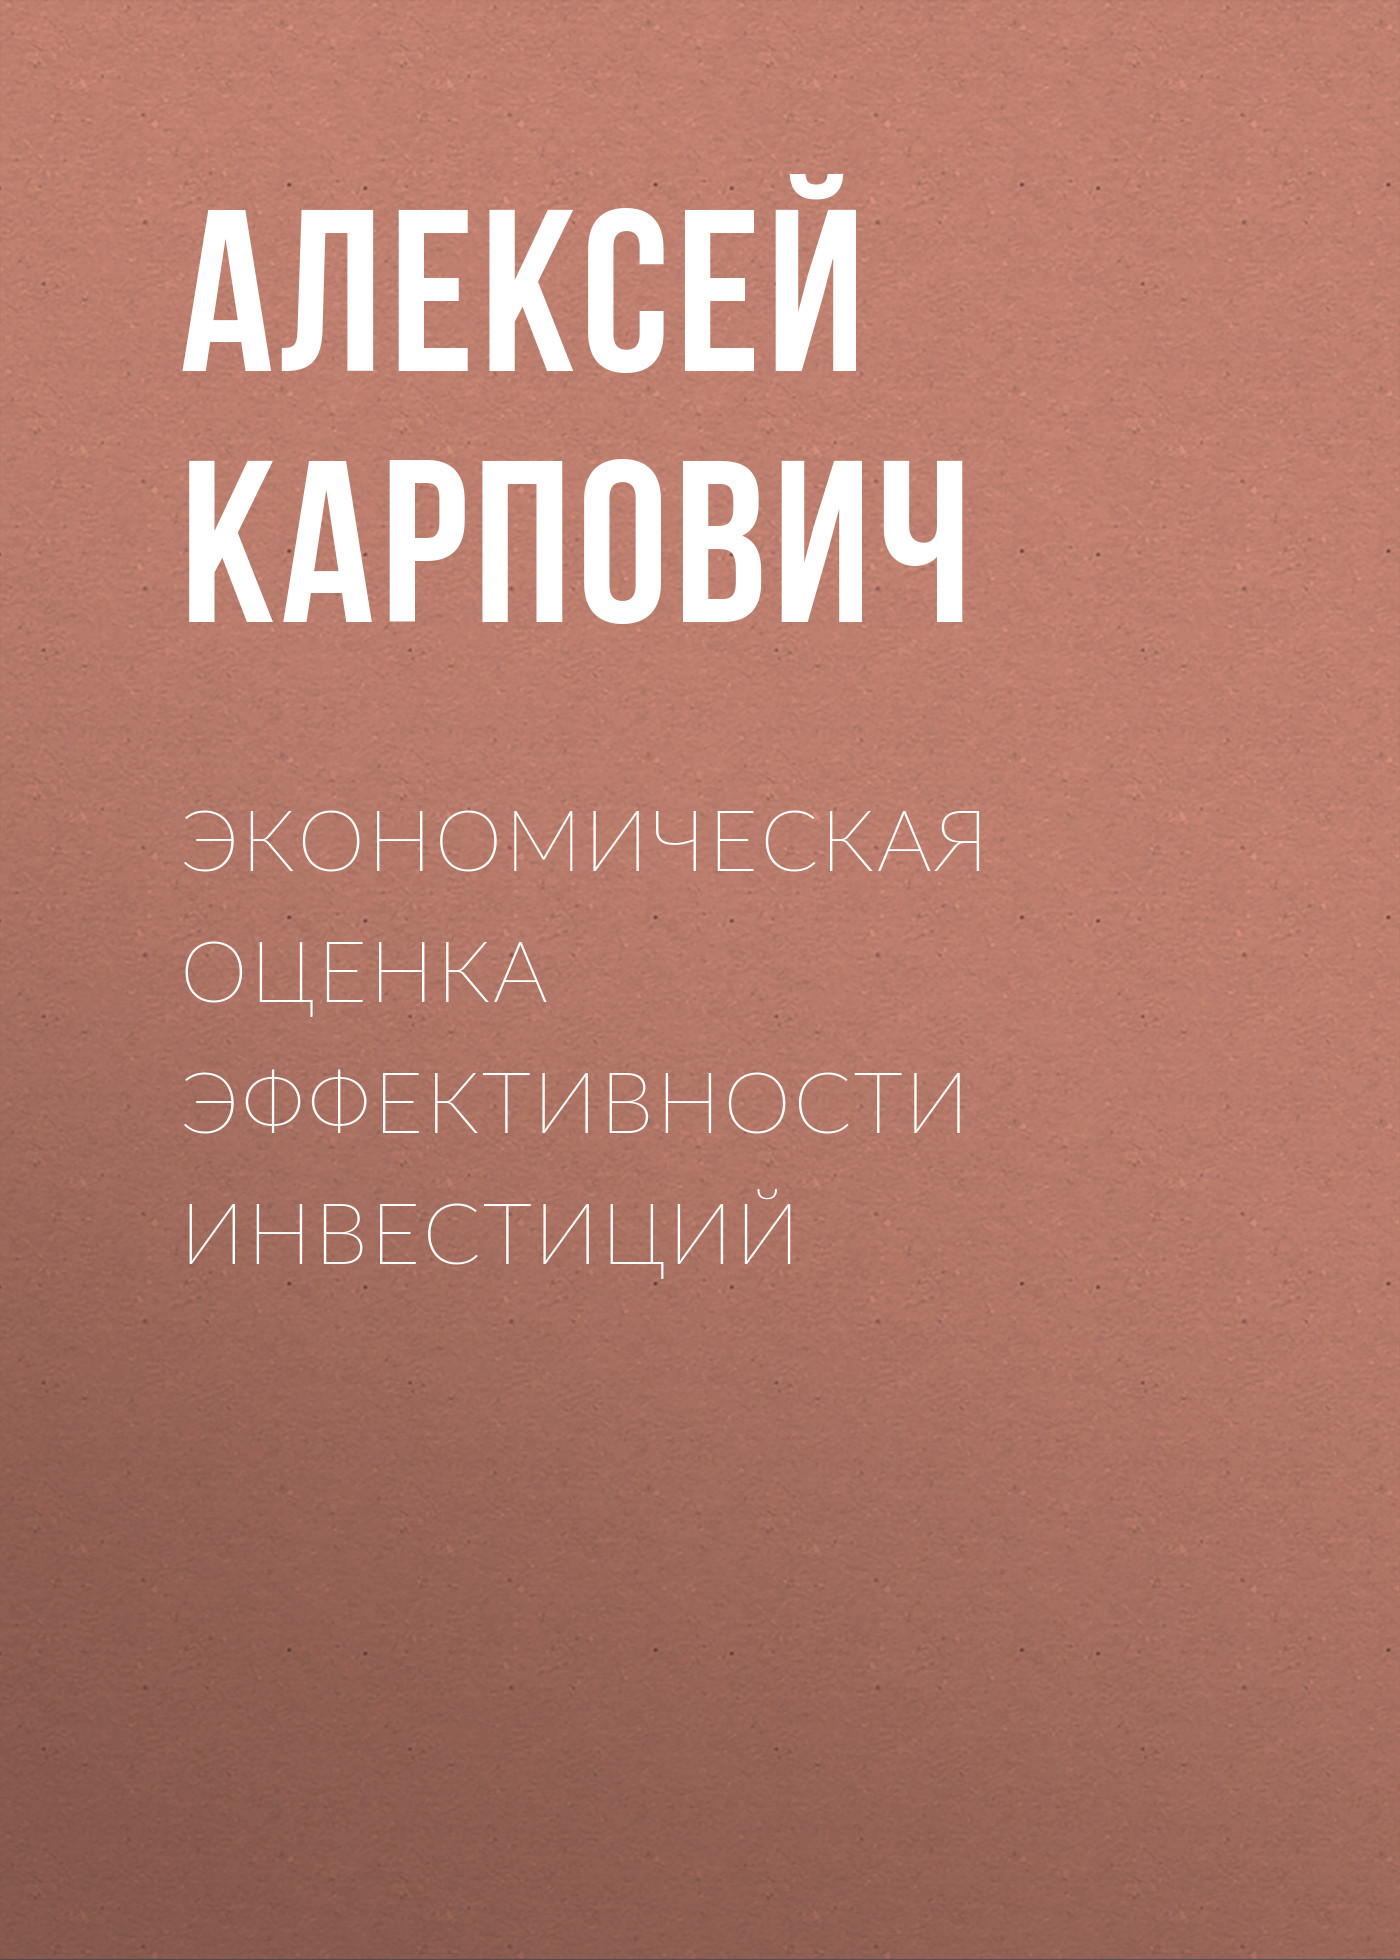 Алексей Карпович Экономическая оценка эффективности инвестиций елена хоменко научная работа магистрантов